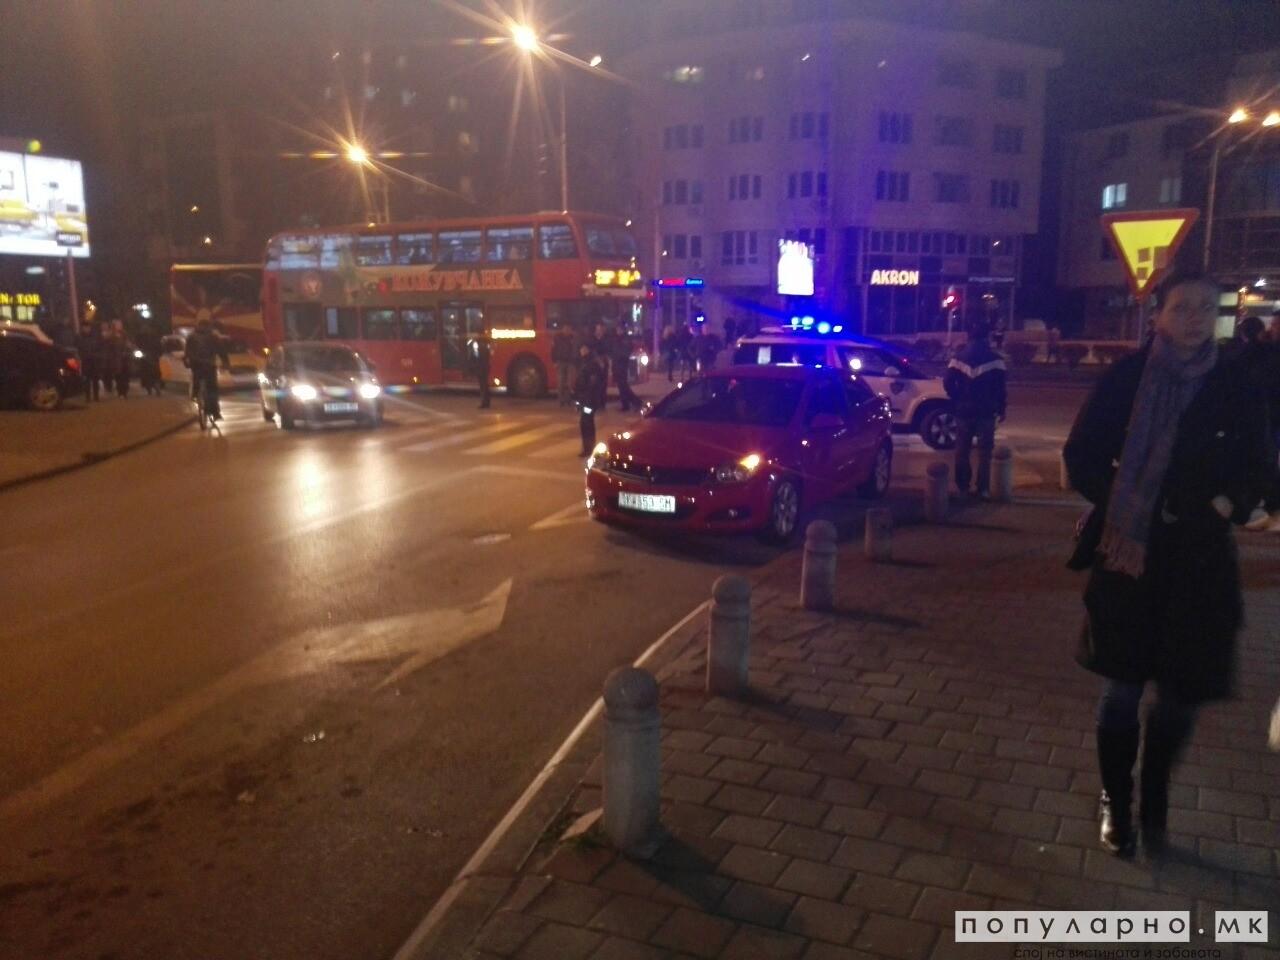 Познат идентитетот на возачот кој прегази девојче на Партизанска: Побегнал, па се пријавил во полиција